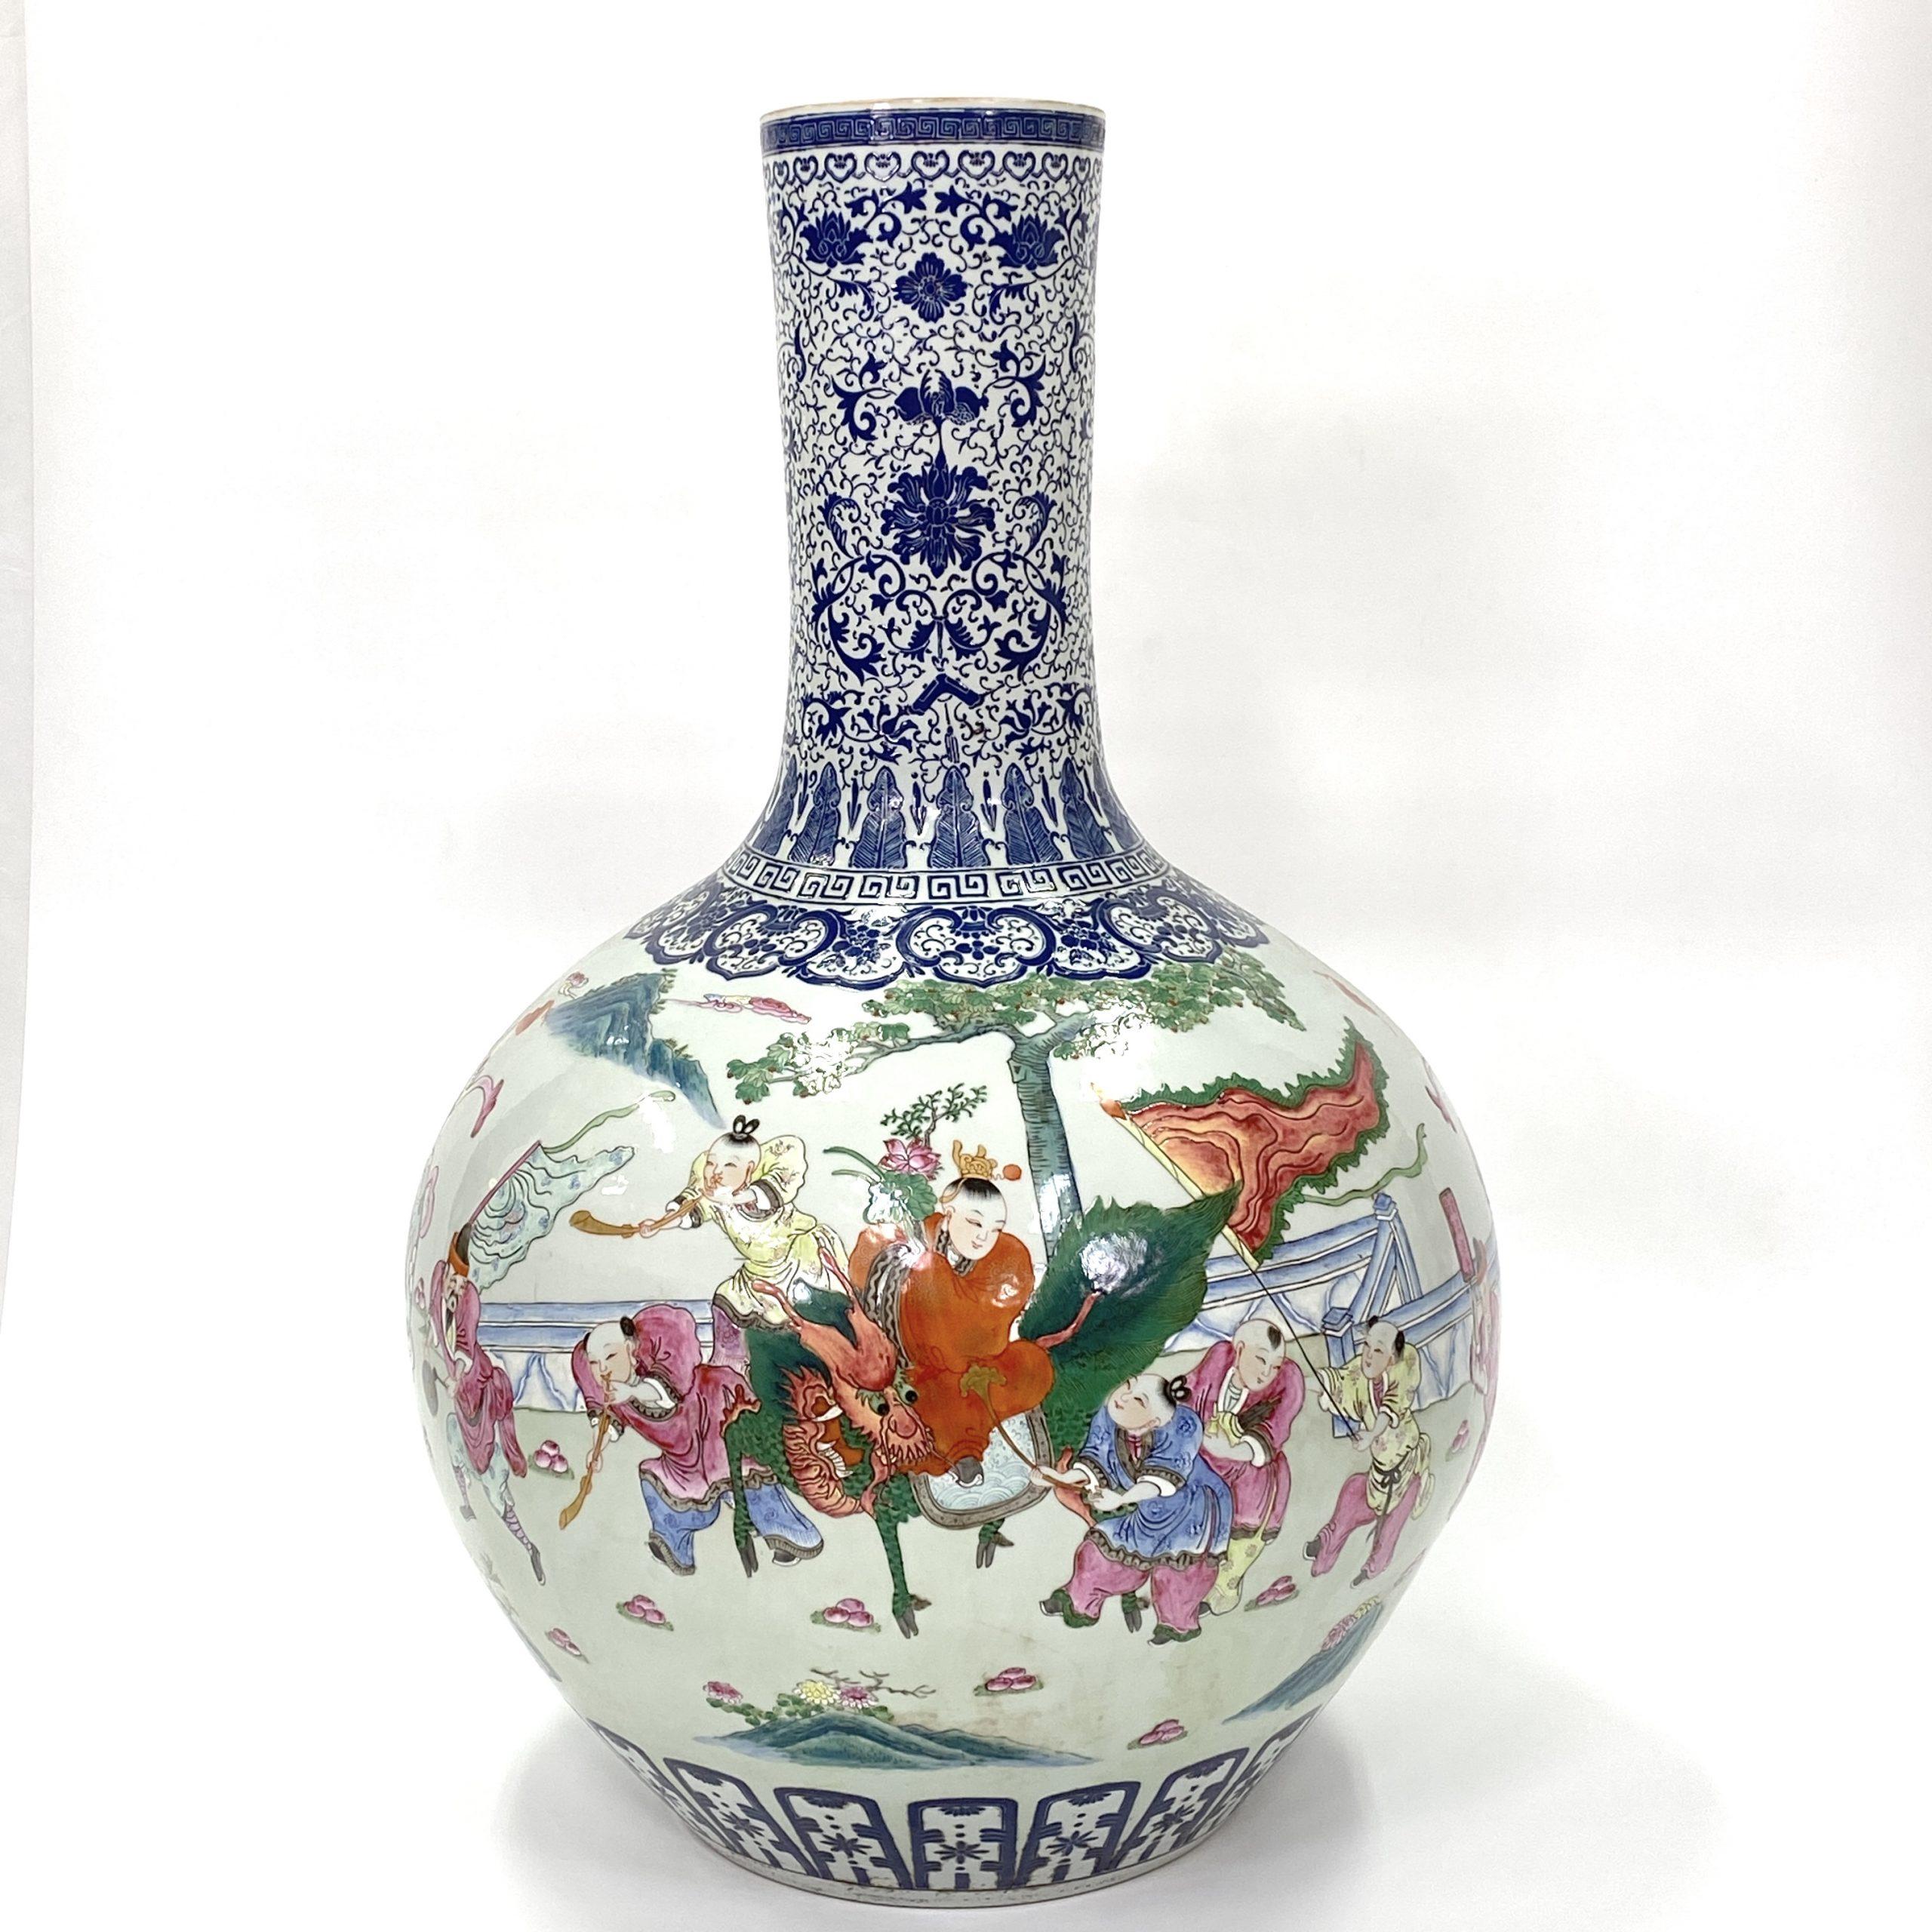 21059「大清乾隆年製」款 粉彩 人物紋 天球瓶